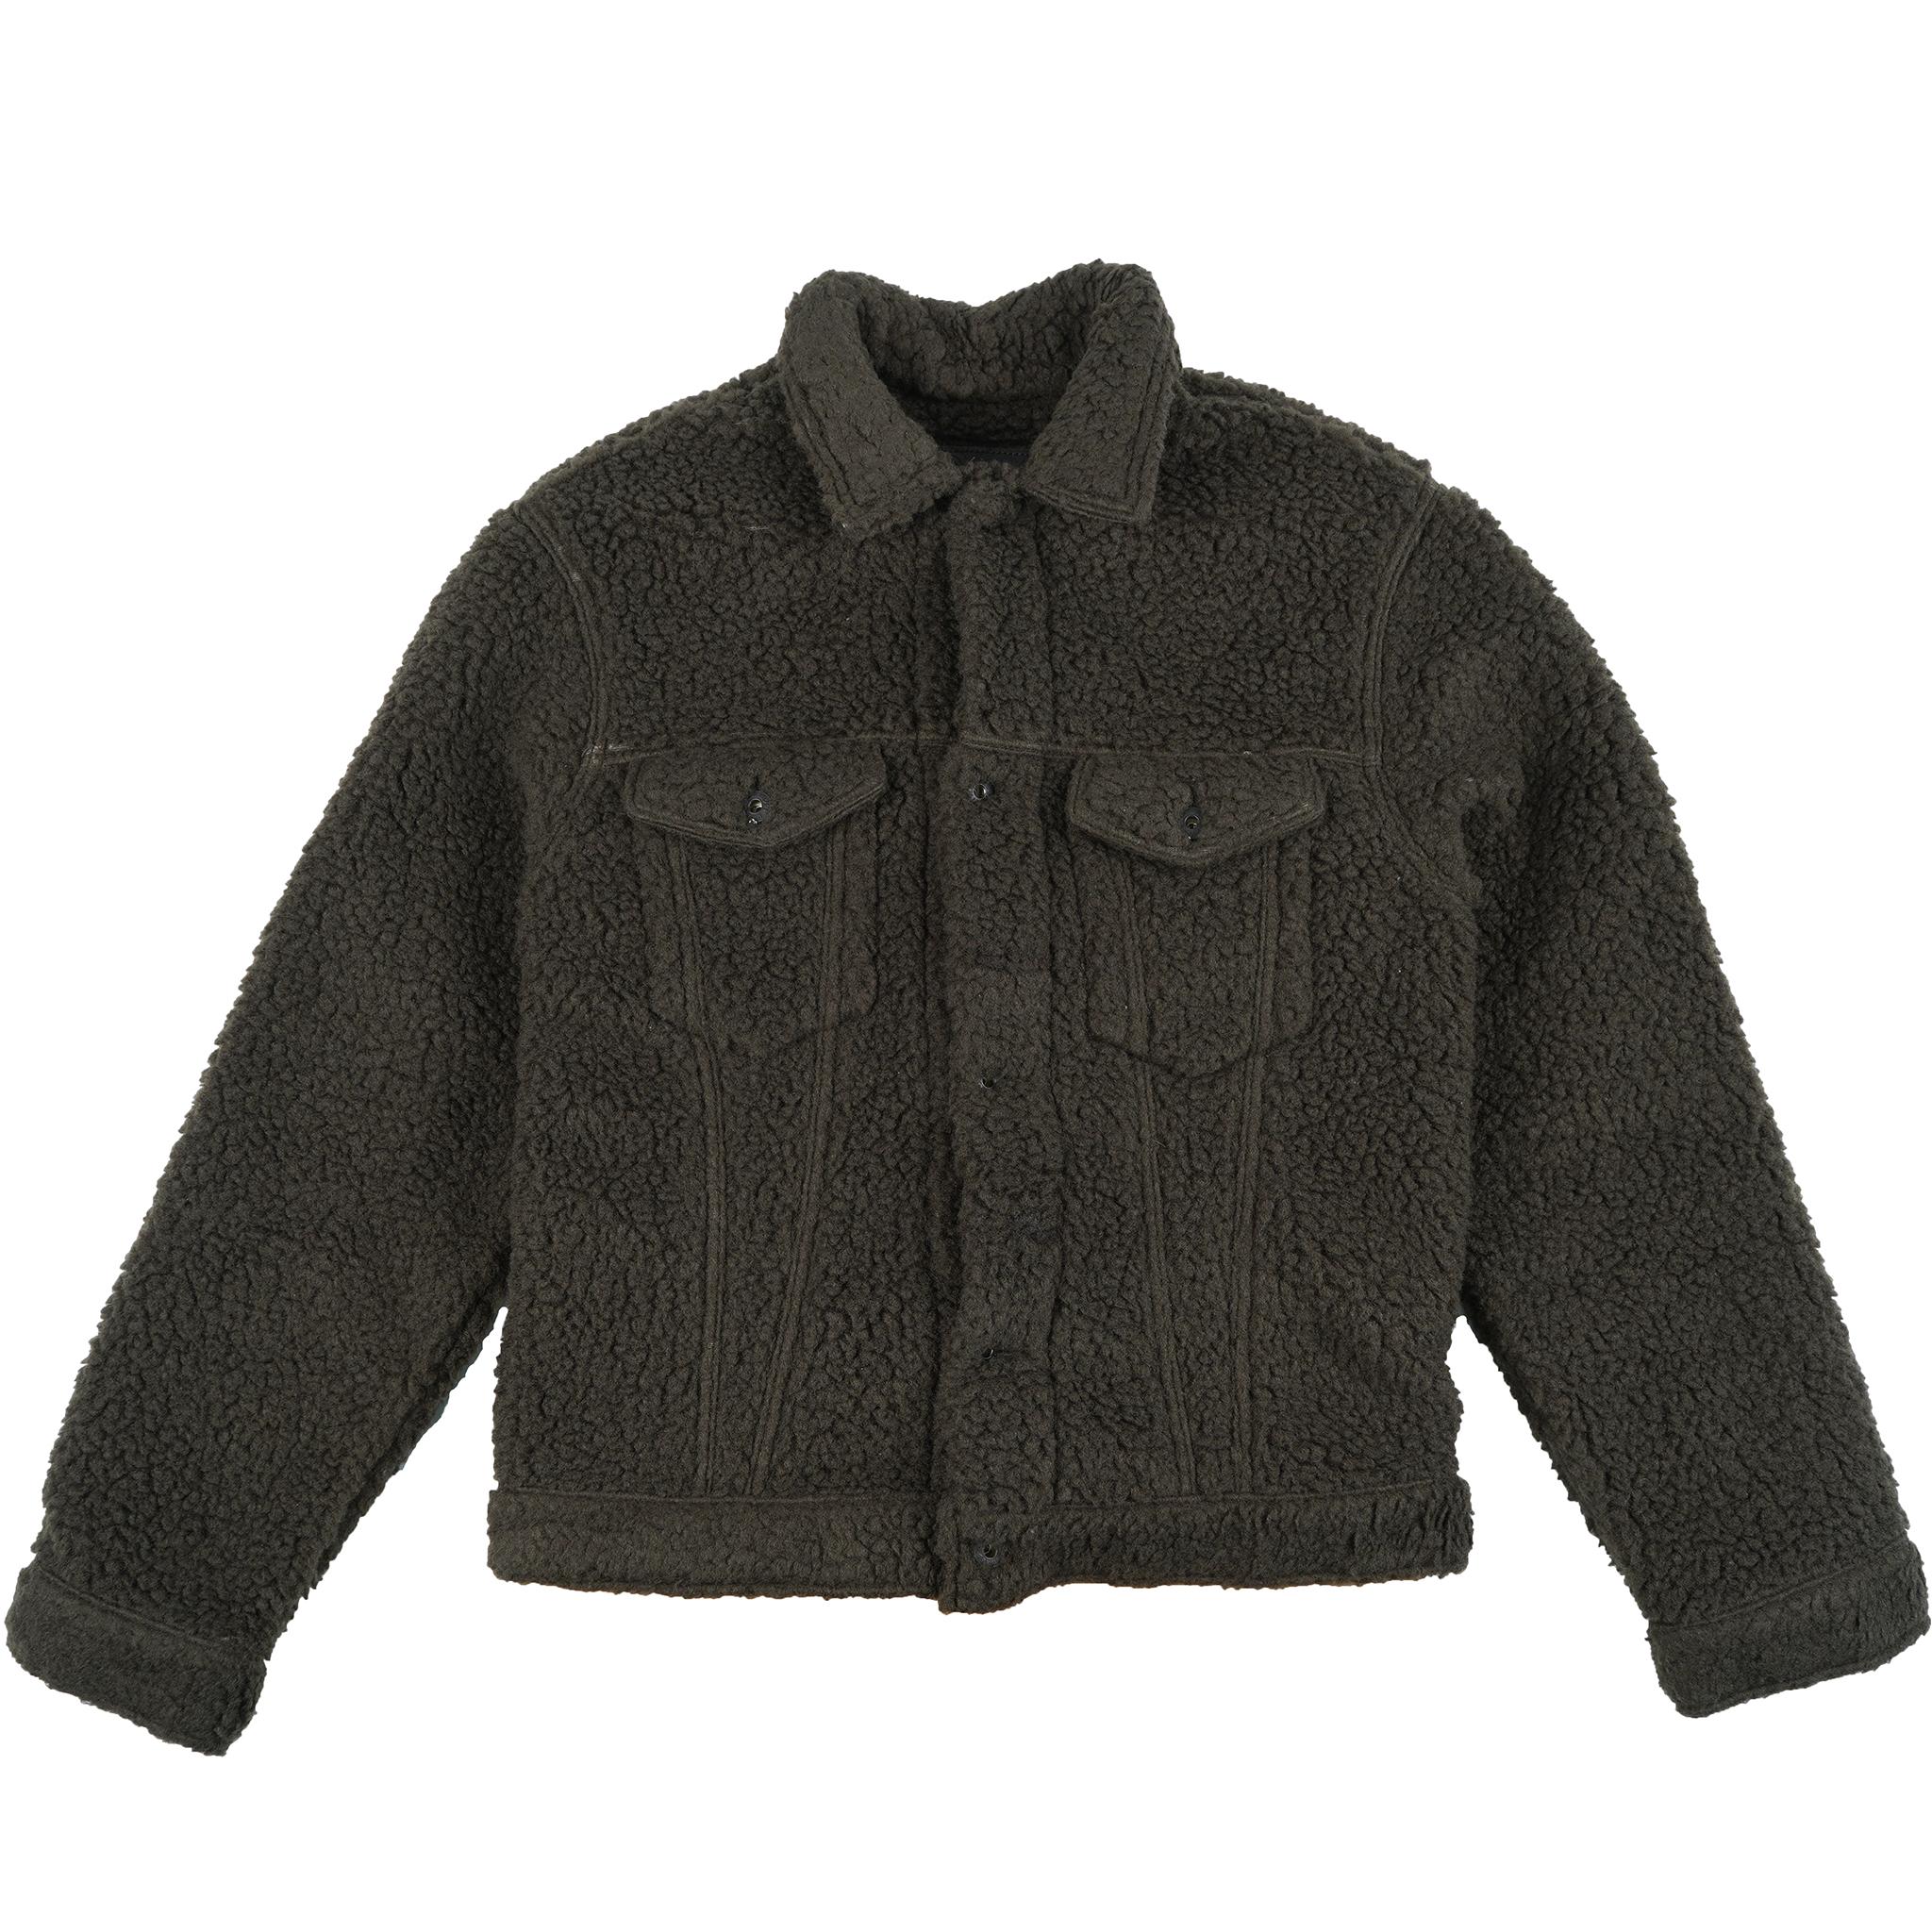 Sherpa Fleece - Forest Green - Denim Jacket